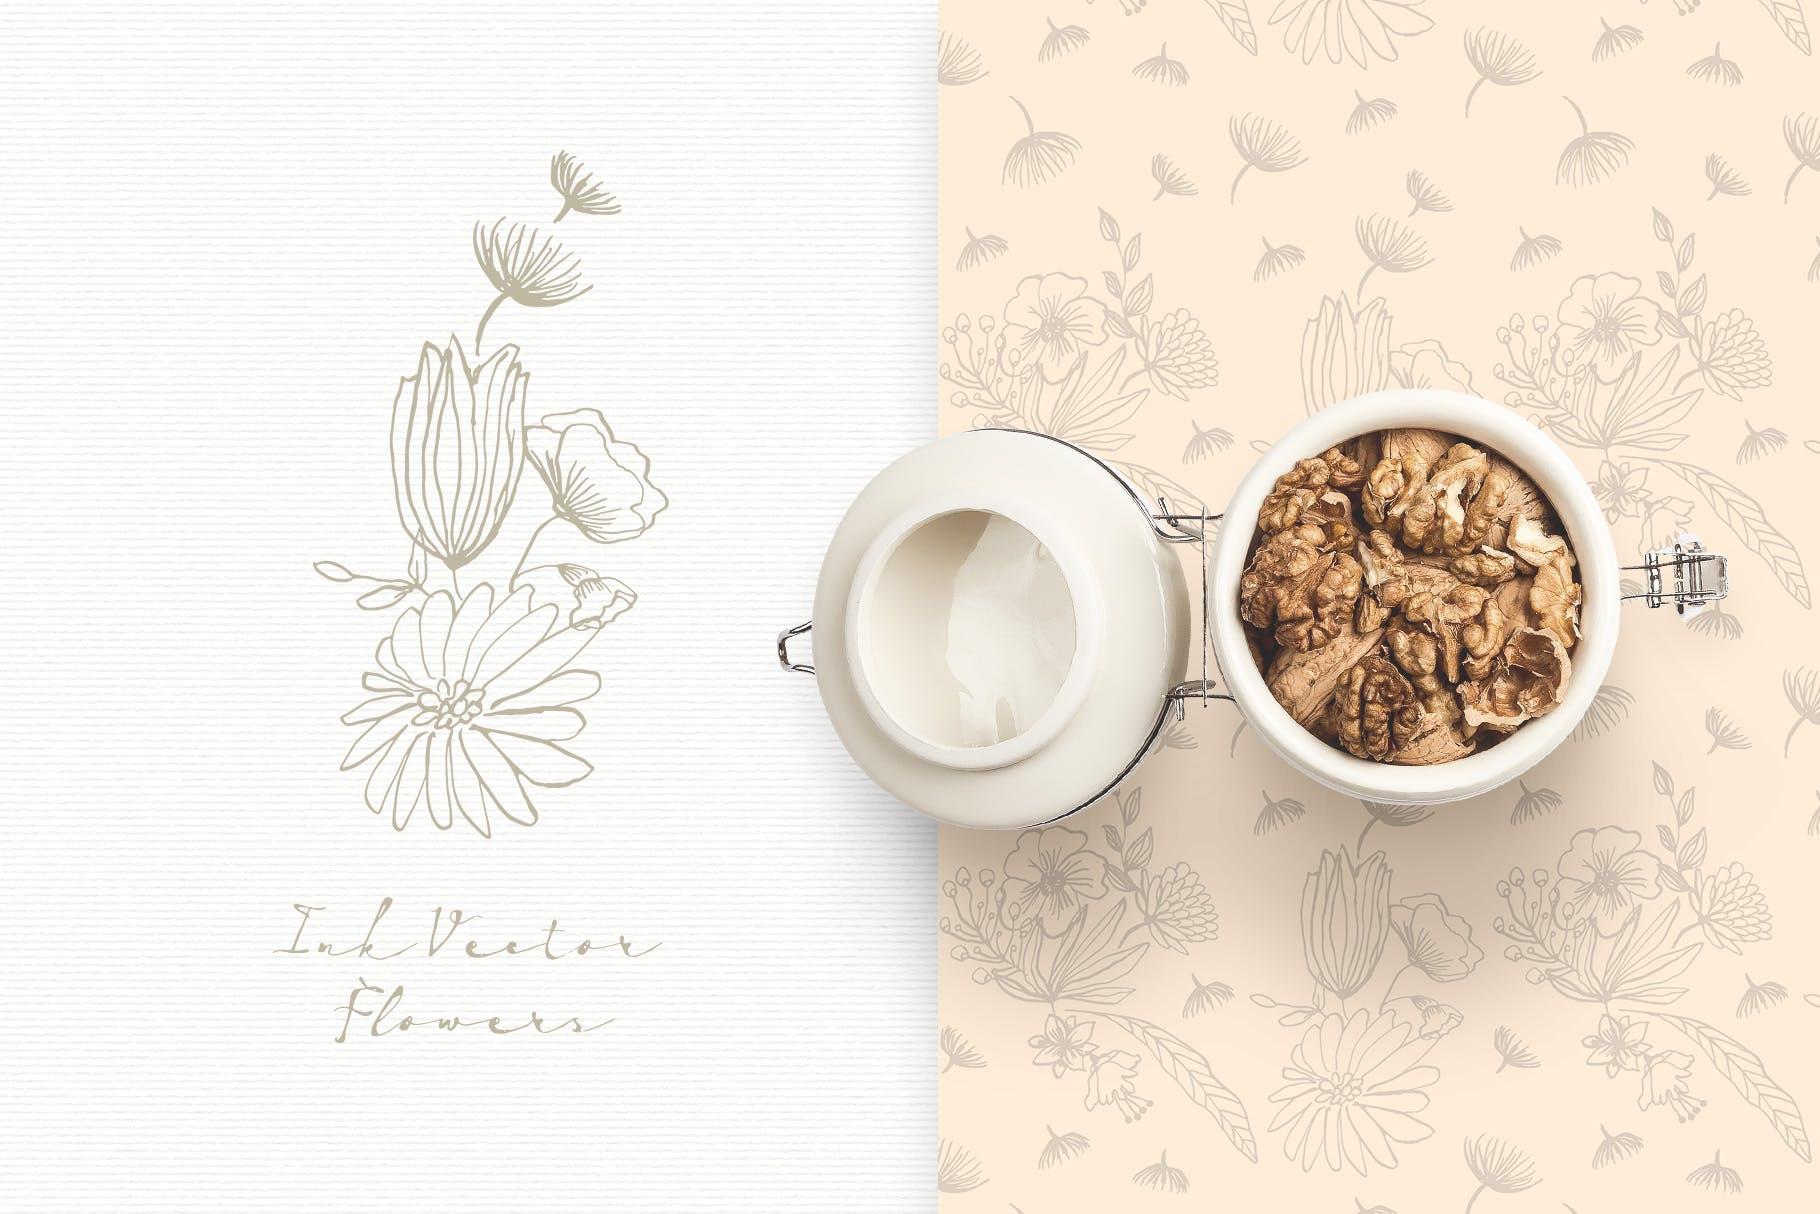 手工研磨制品装饰图案Ink Vector Flowers插图(3)